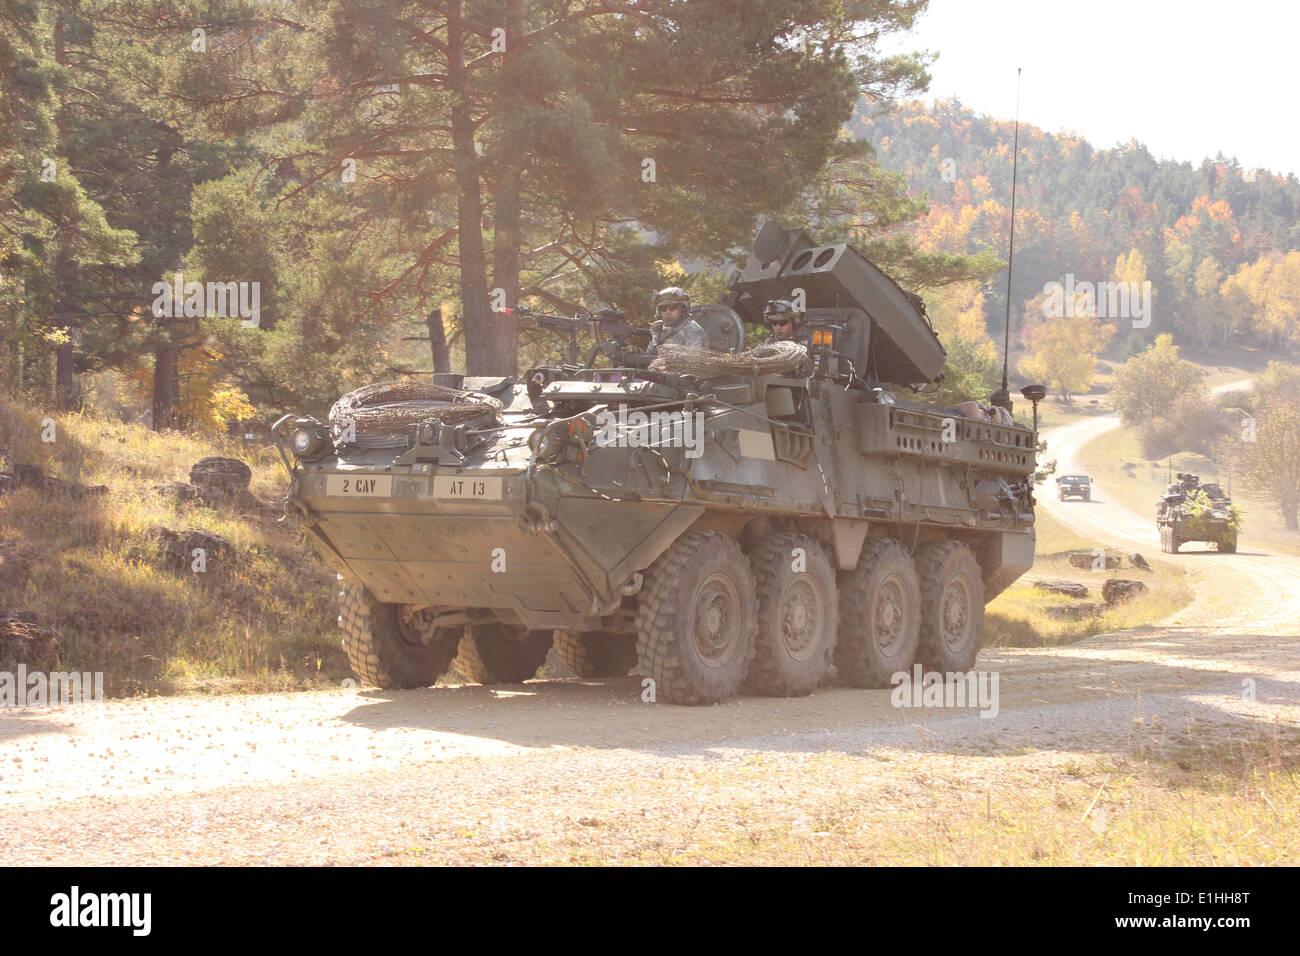 Stati Uniti Soldati con il primo squadrone, 2° reggimento di cavalleria drive in un convoglio Stryker veicoli durante una azione decisiva della formazione Immagini Stock